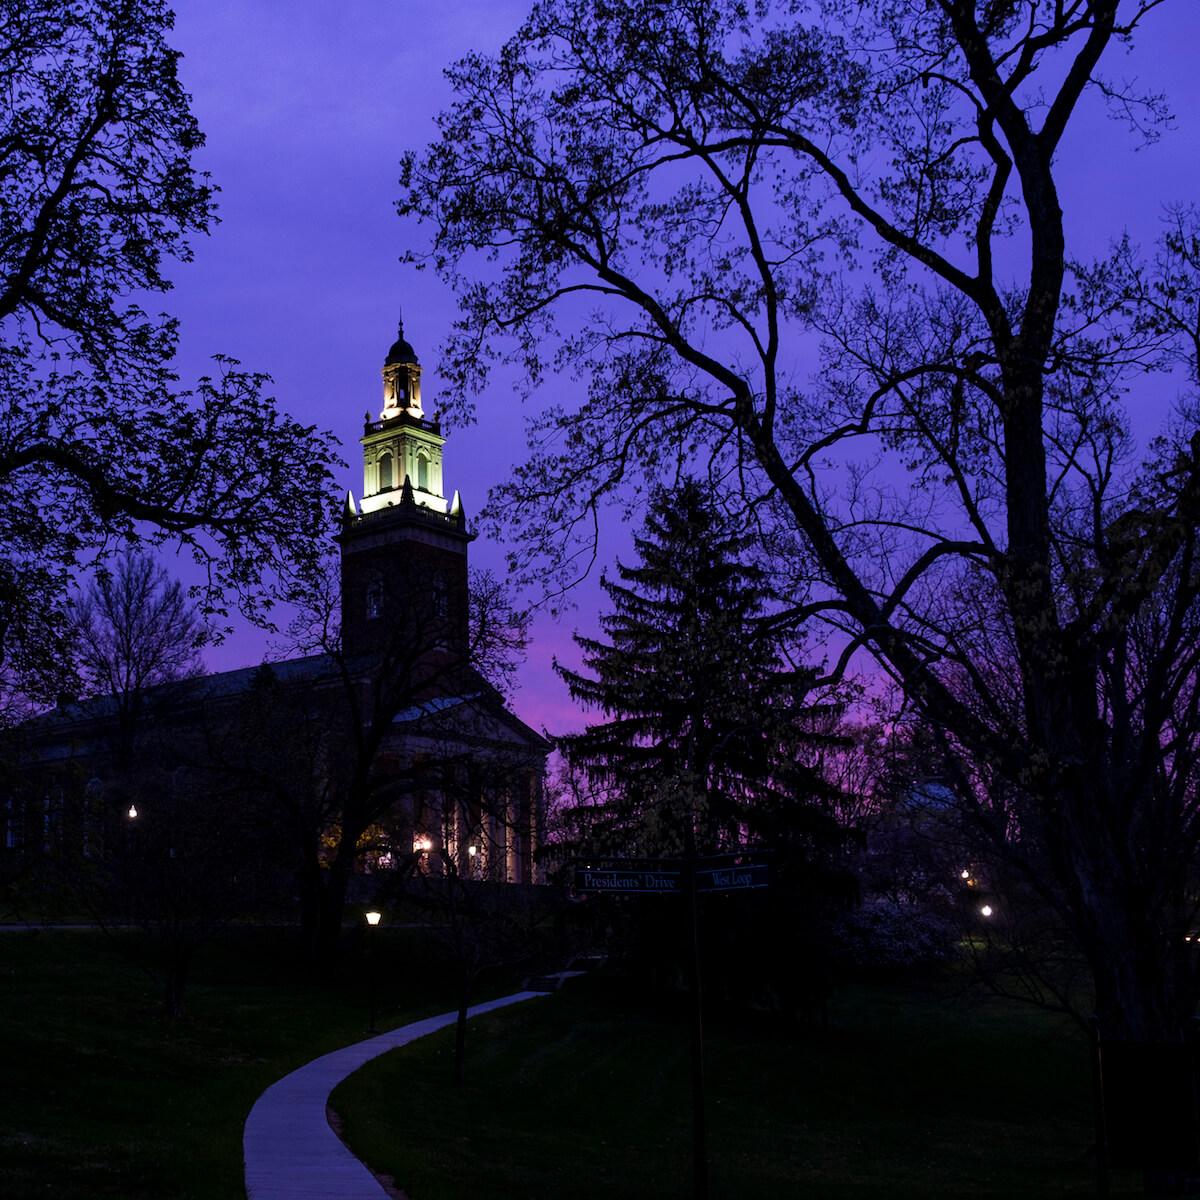 Swasey Chapel at dusk